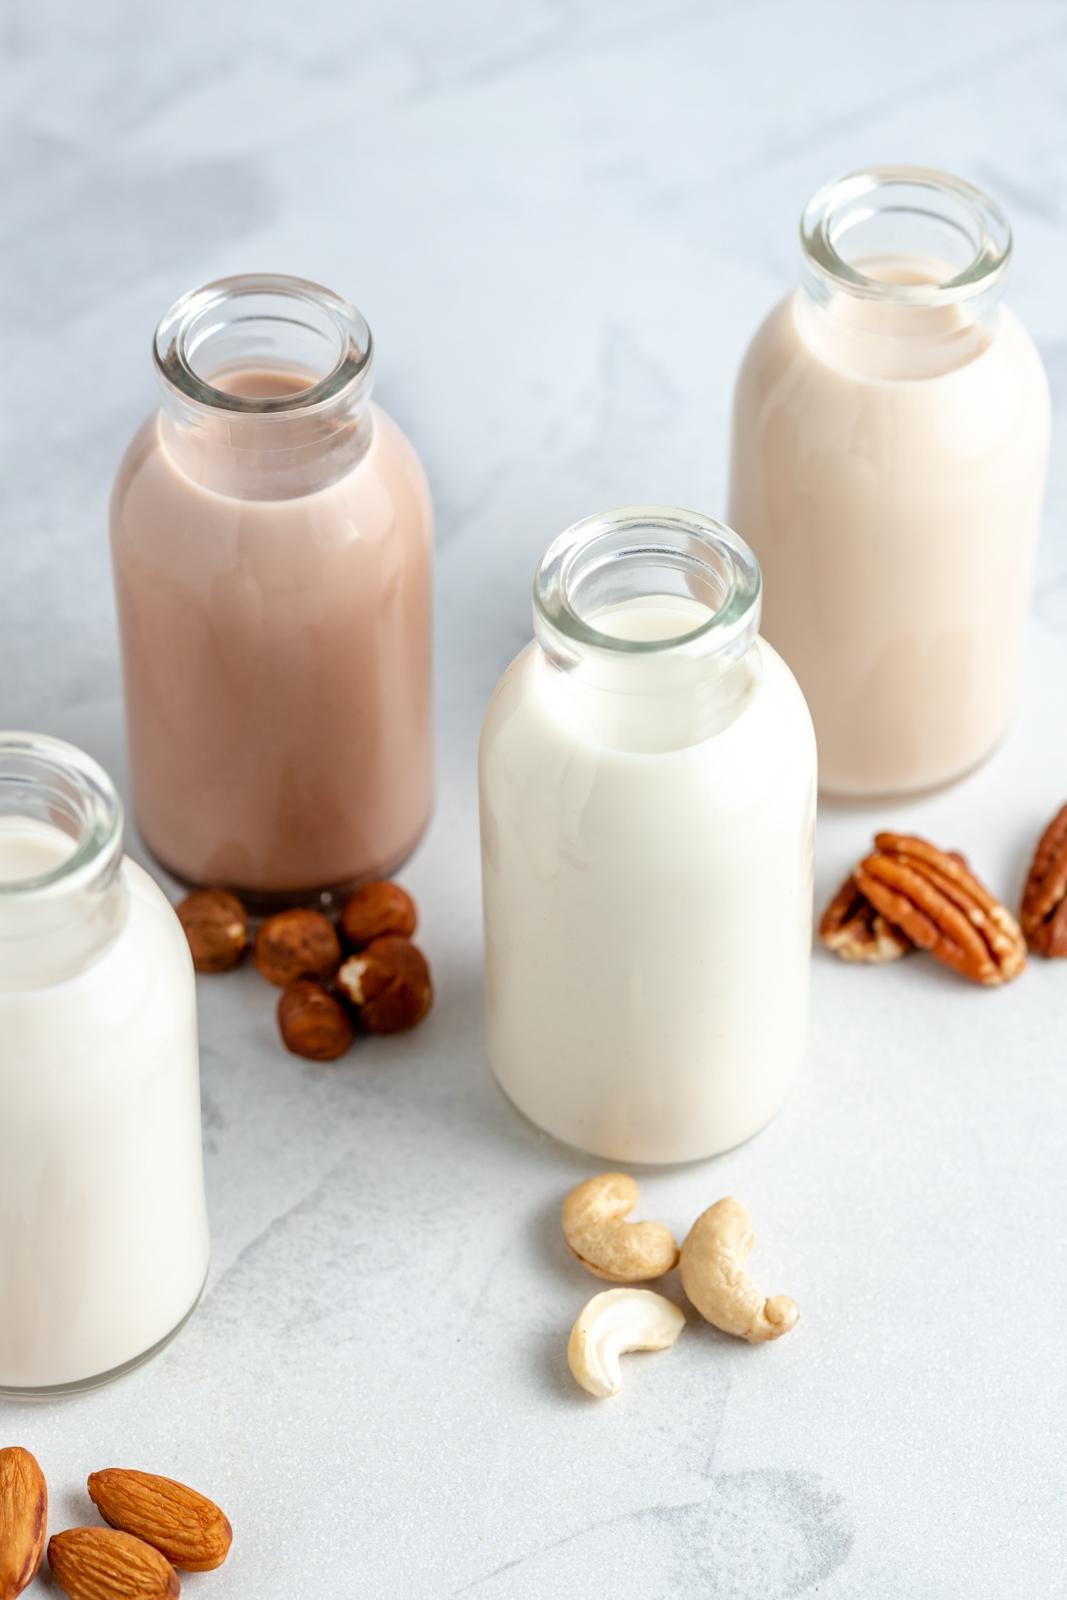 homemade nut milks in four separate jars